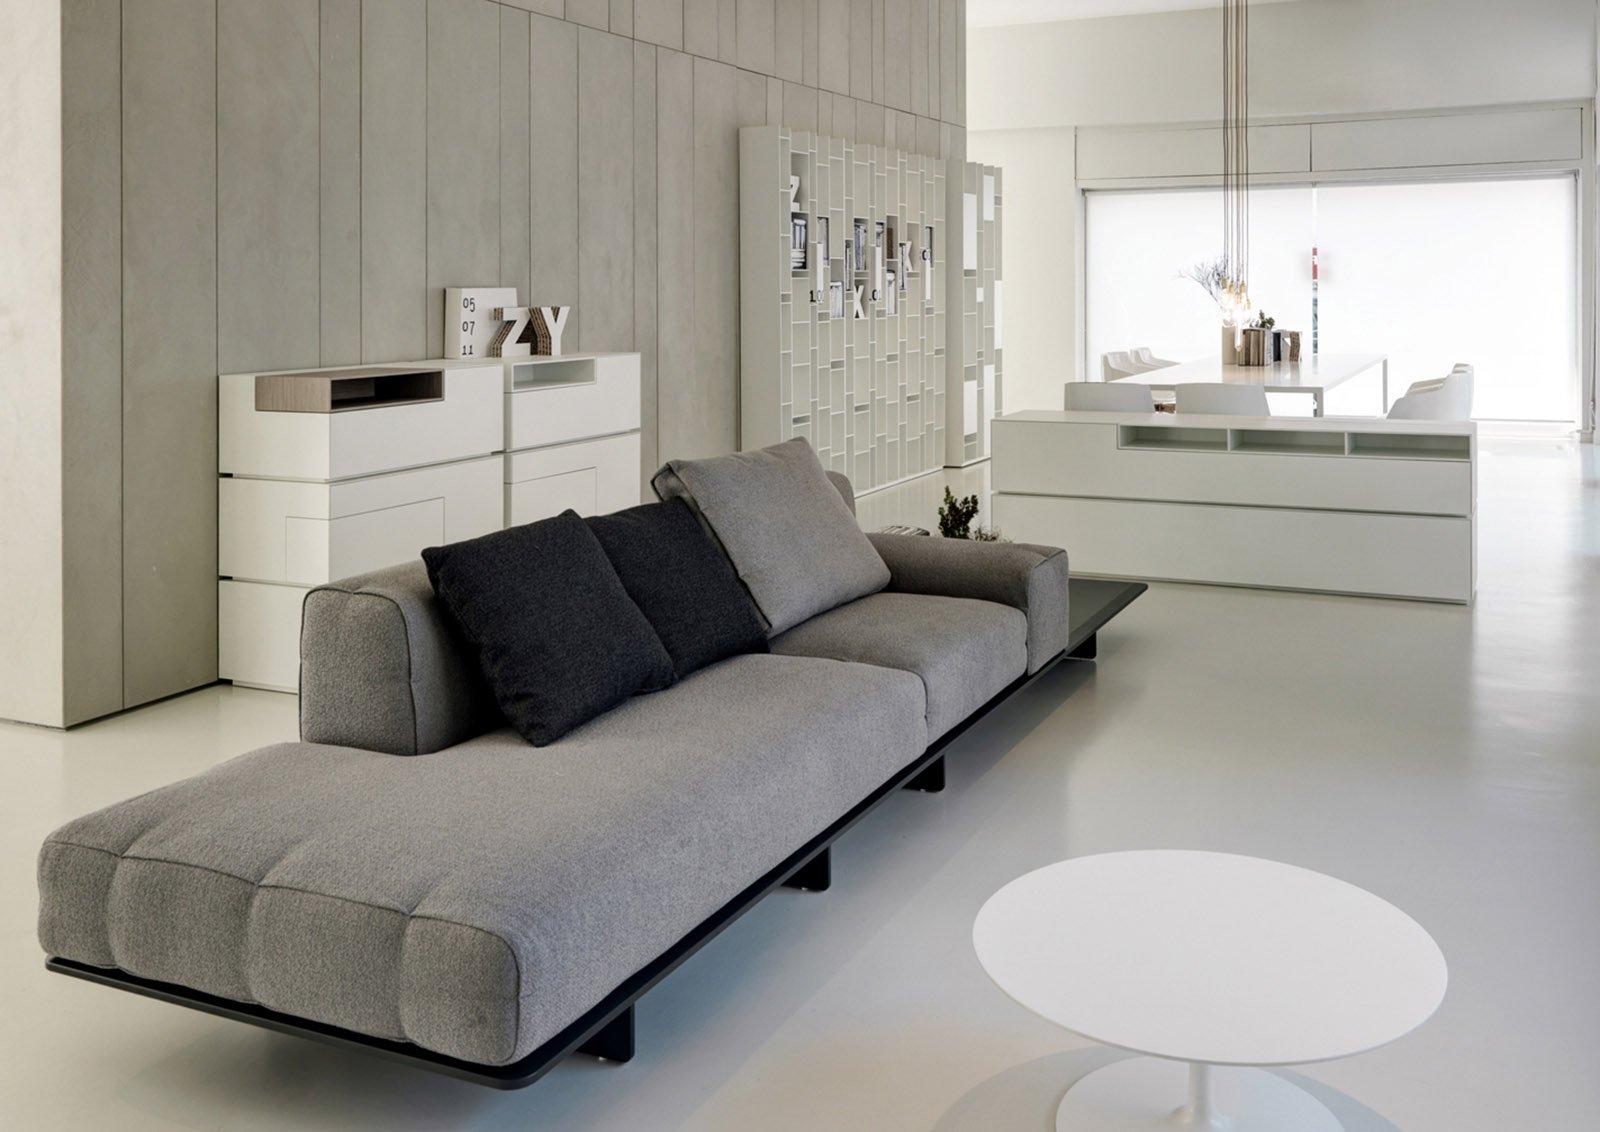 Mdf italia design in una vendita speciale cose di casa - Mdf italia ...